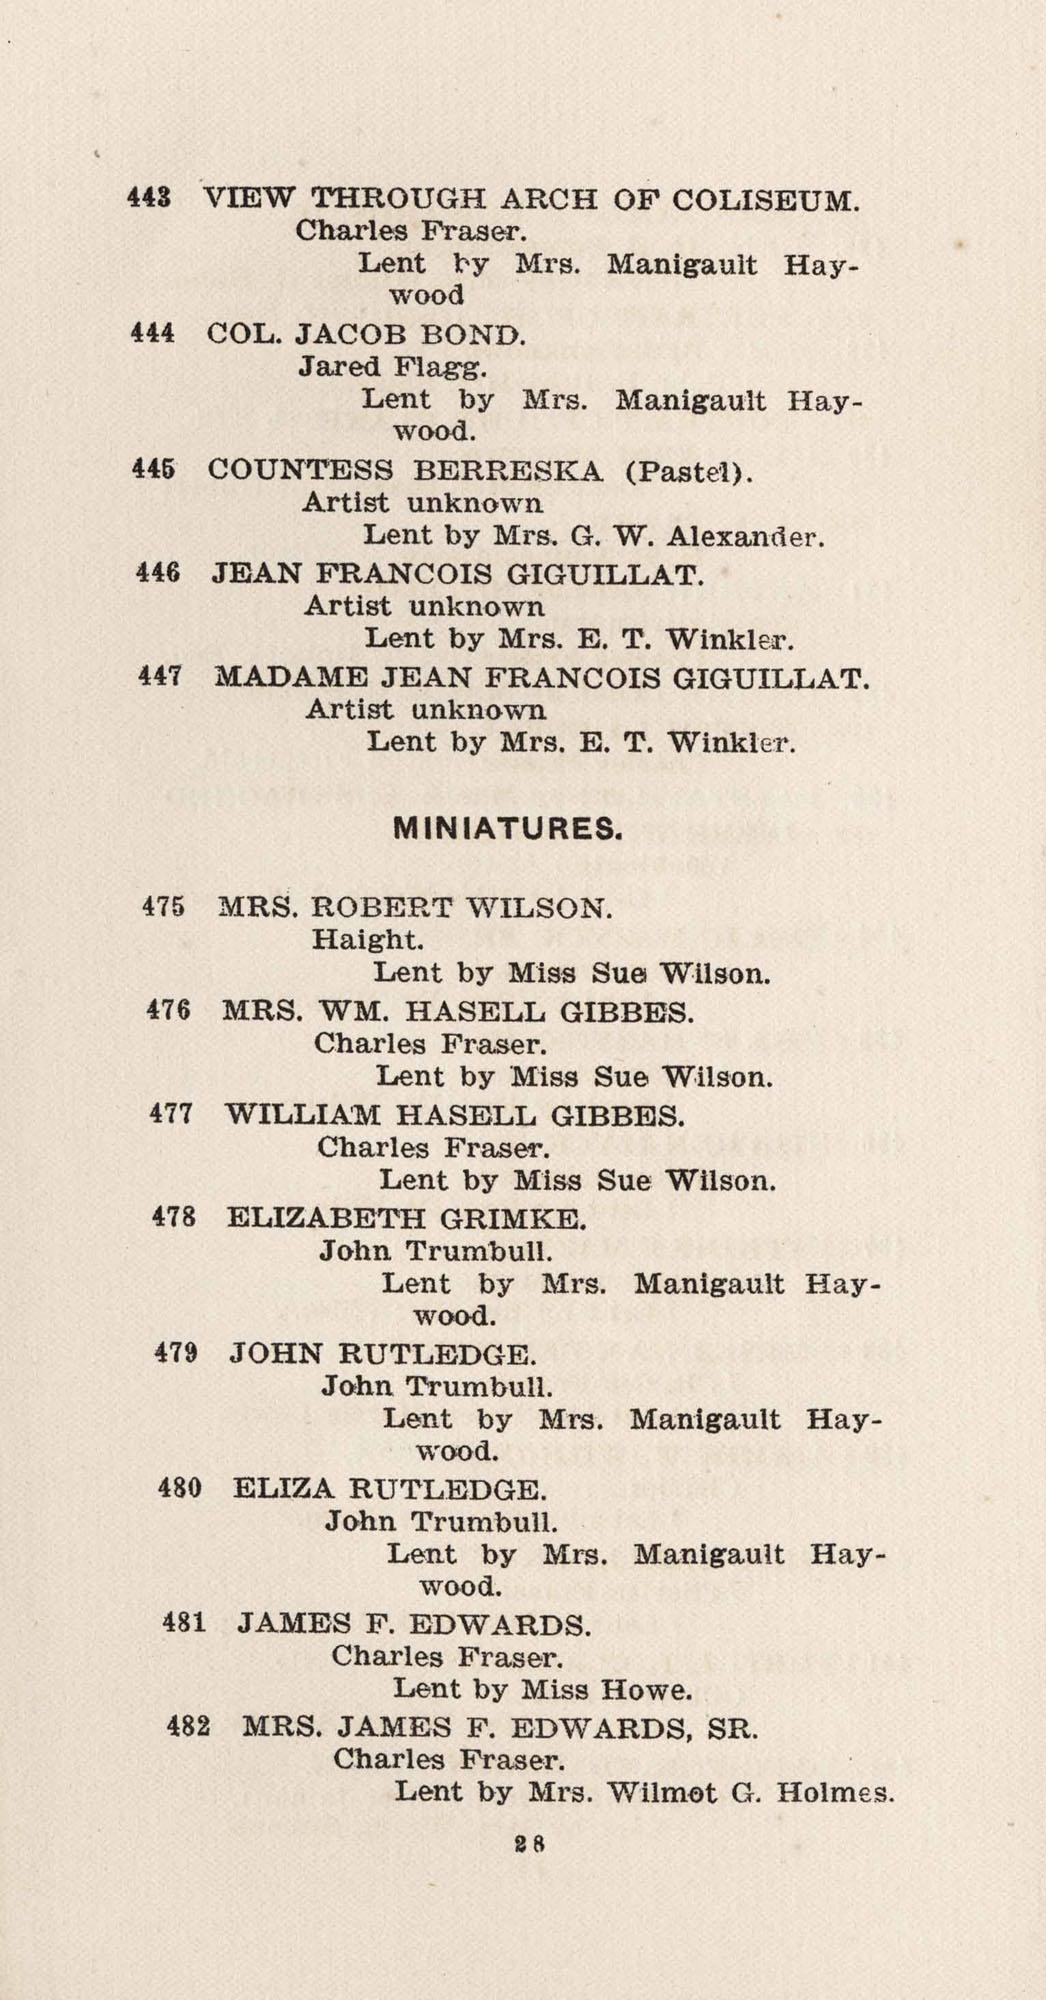 Catalogue, 442-482